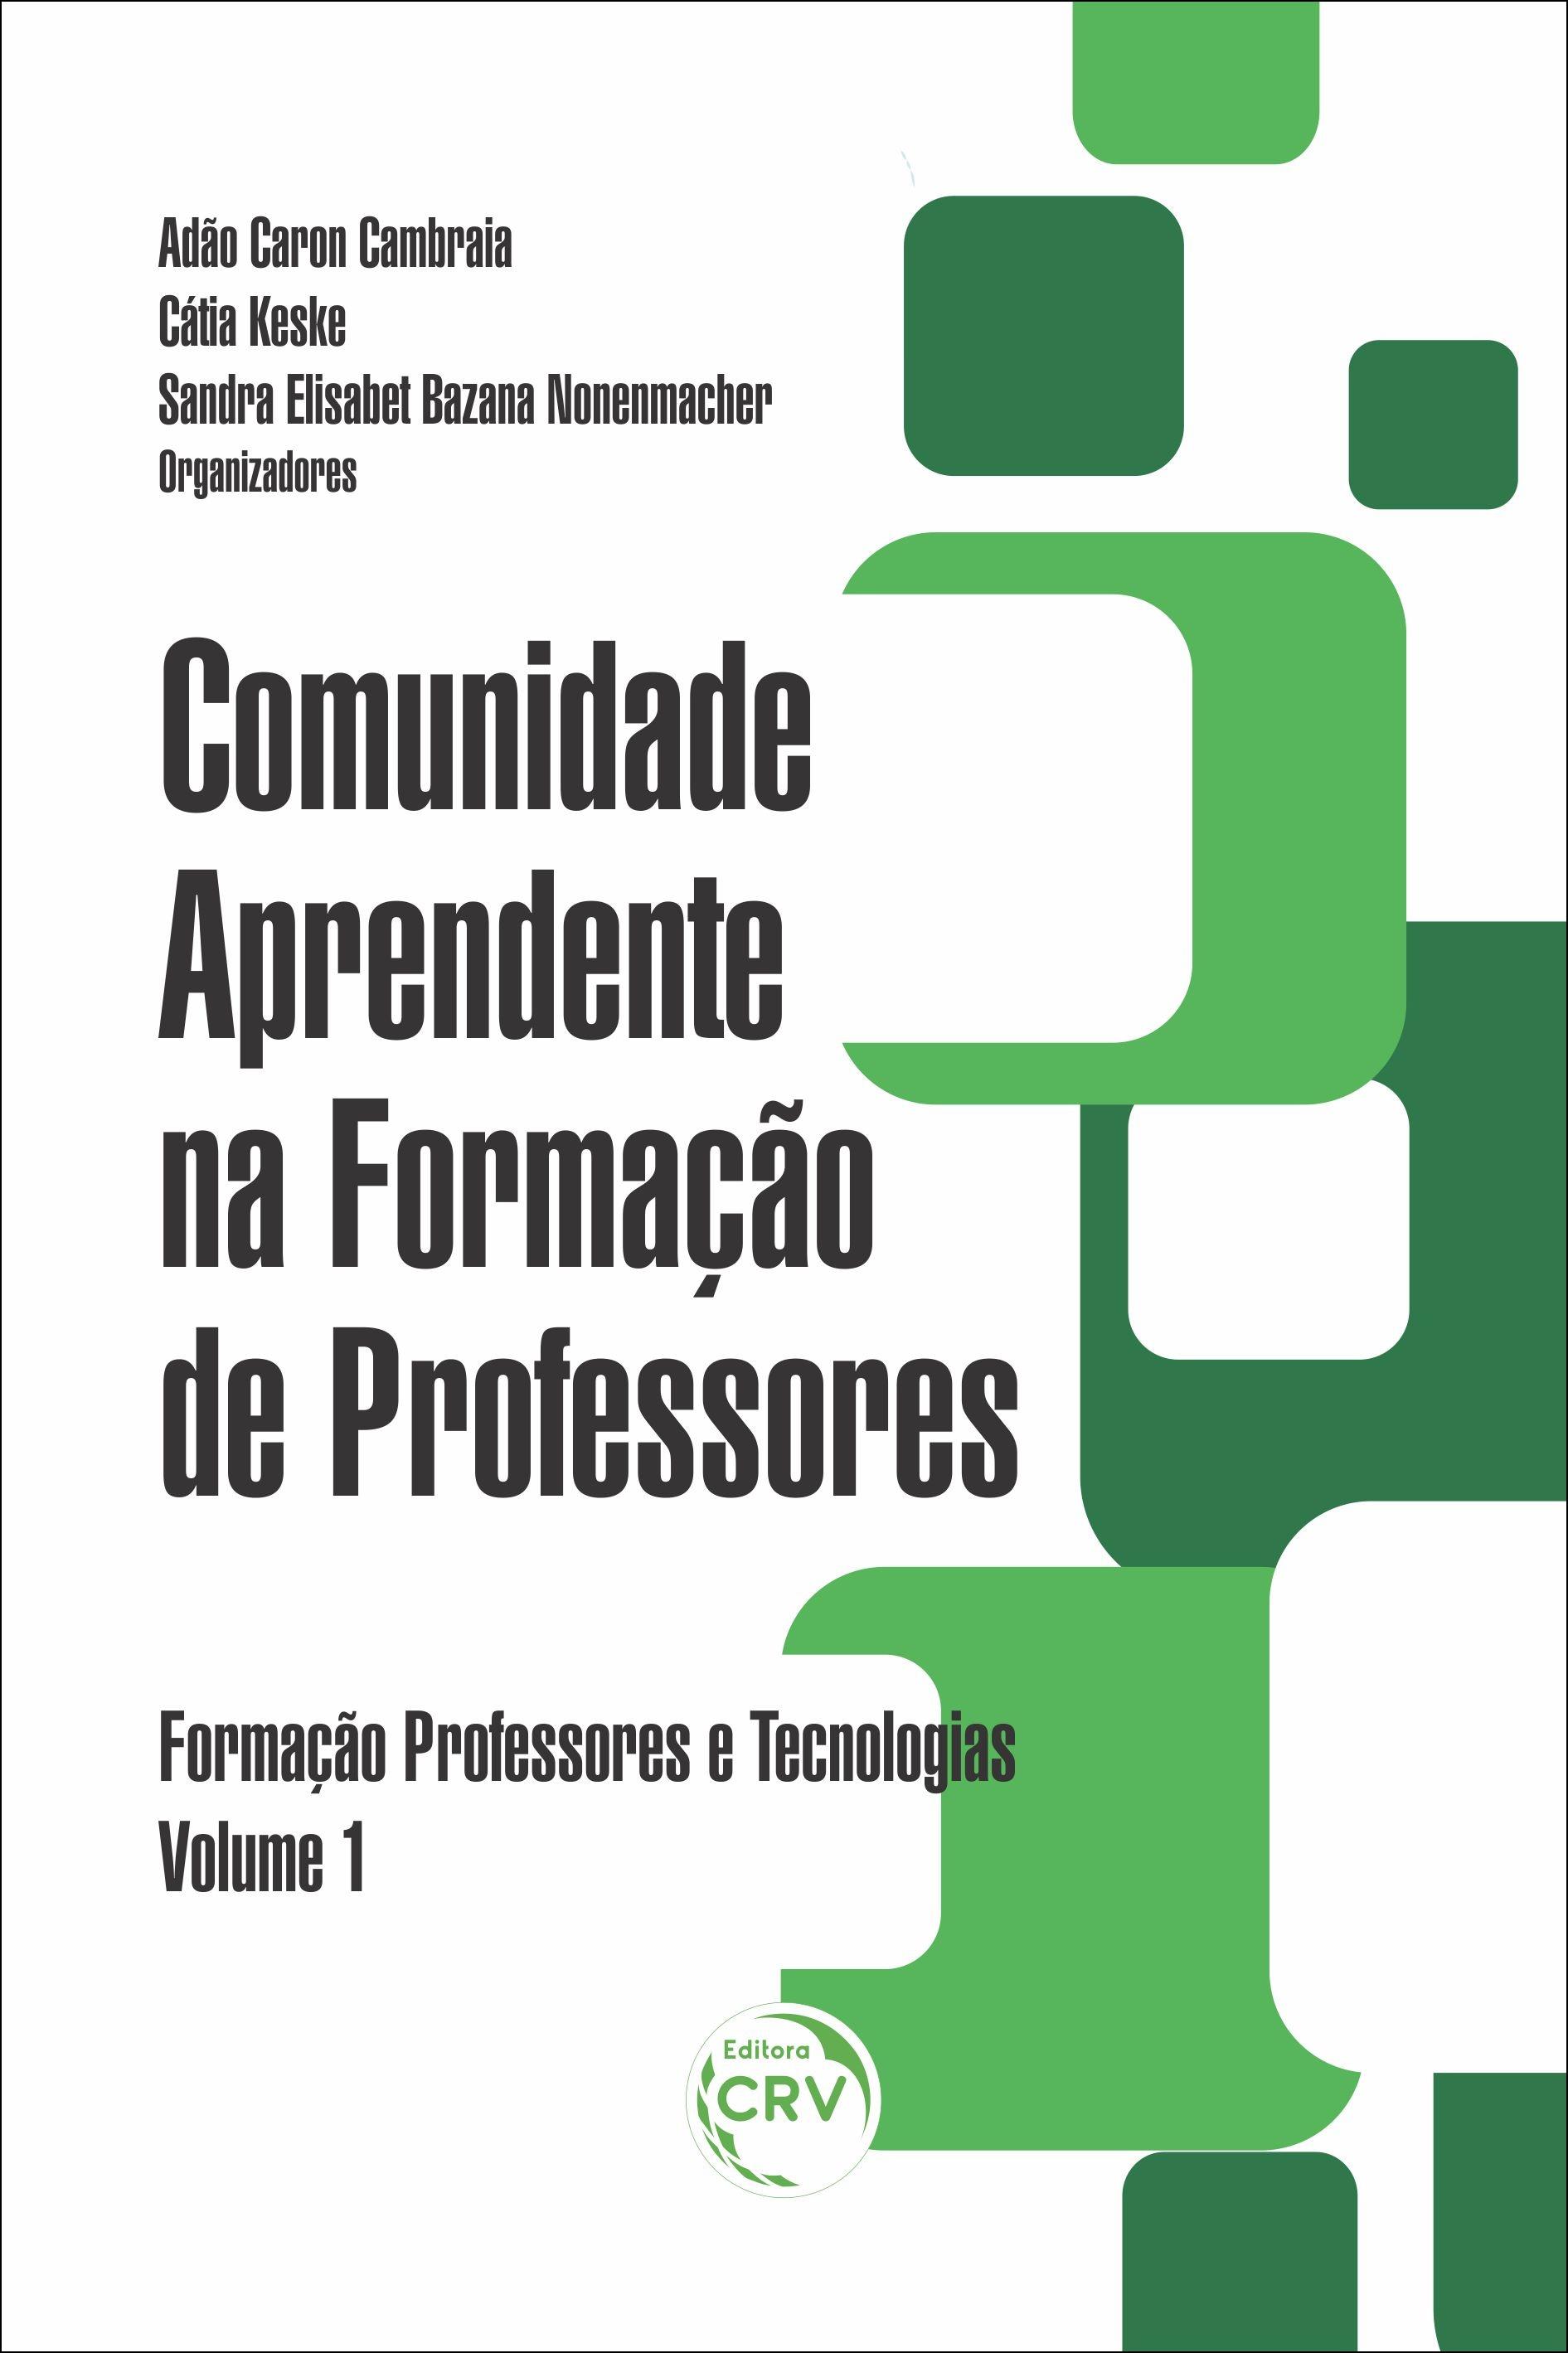 Capa do livro: COMUNIDADE APRENDENTE NA FORMAÇÃO DE PROFESSORES <br>Coleção Formação professores e tecnologias <br>Volume 1